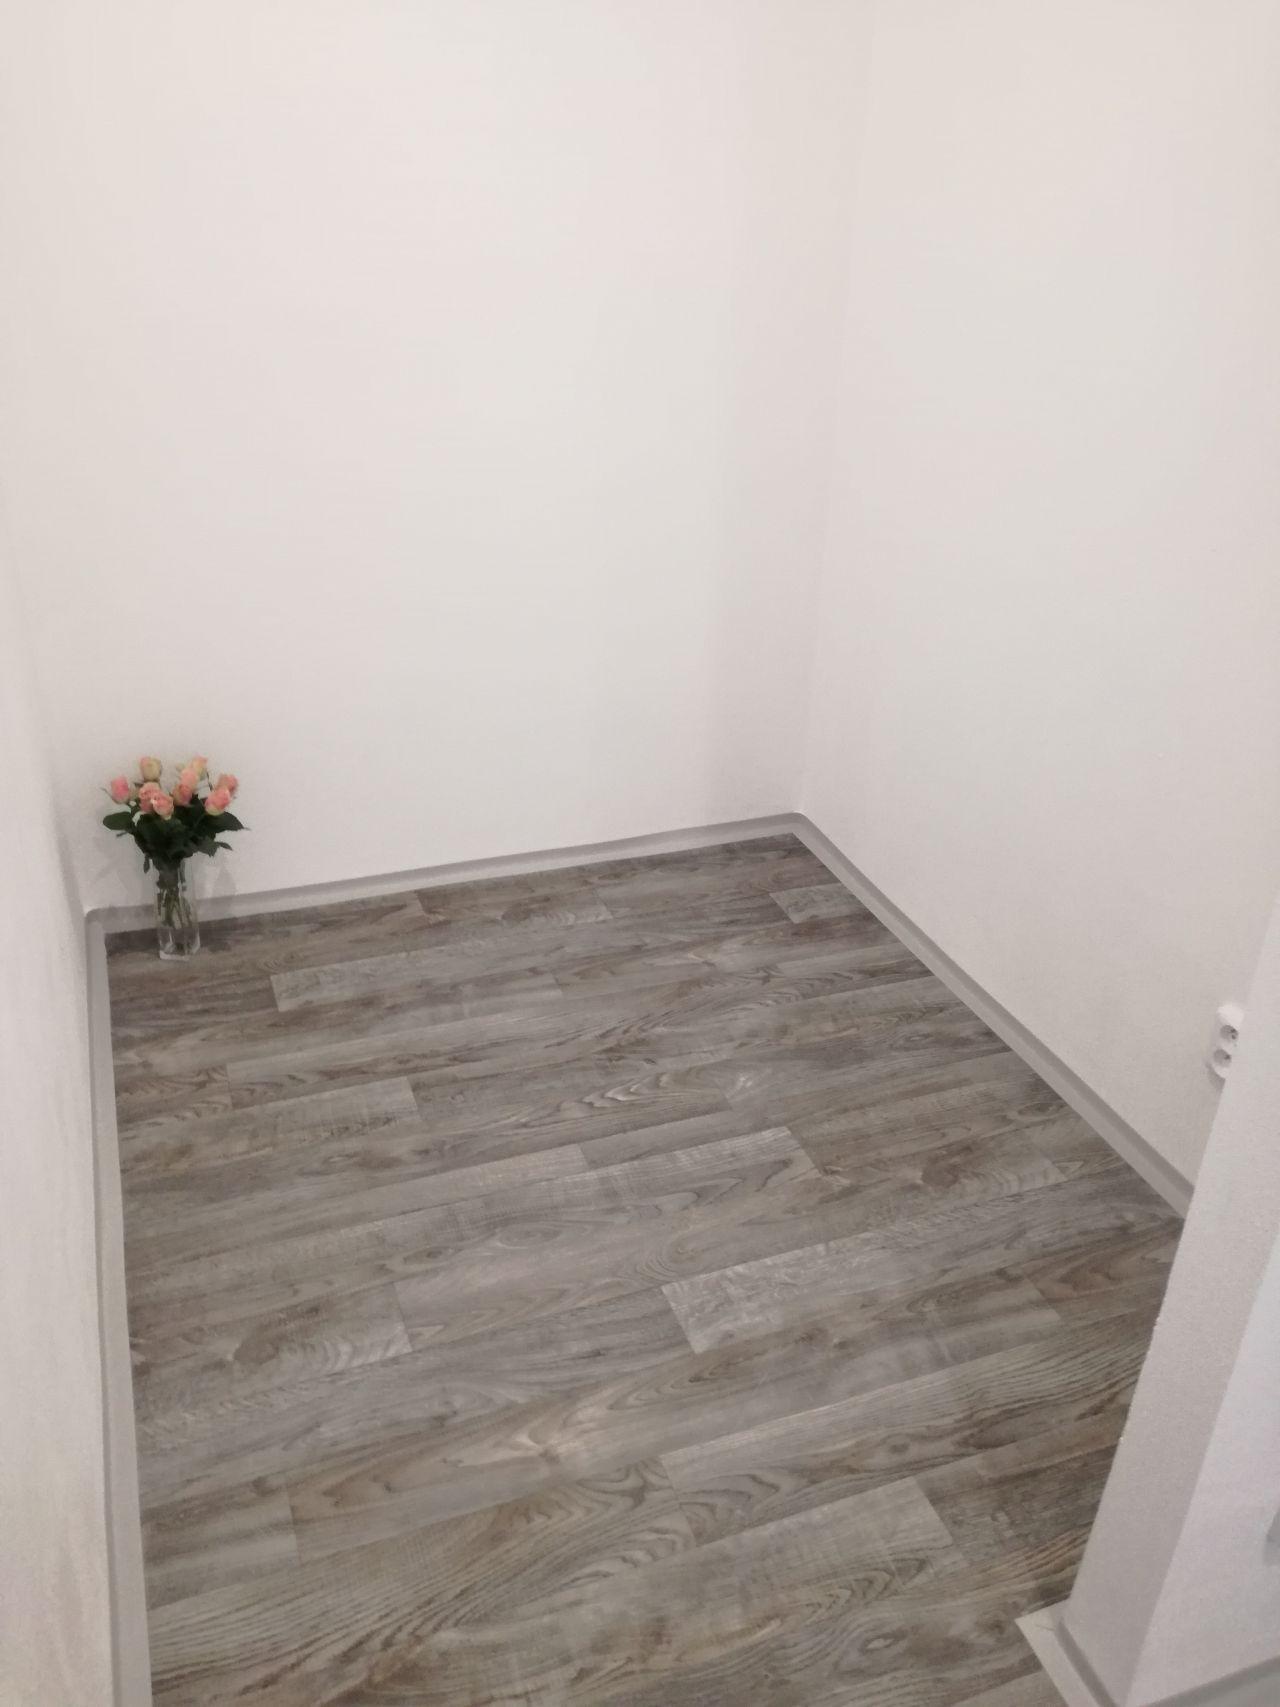 Pronájem bytu 2+1 55 m2, ul. Plzeňská 1122/7, Ostrava - Hrabůvka Místnost, která může sloužit jako komora, šatna nebo pracovna